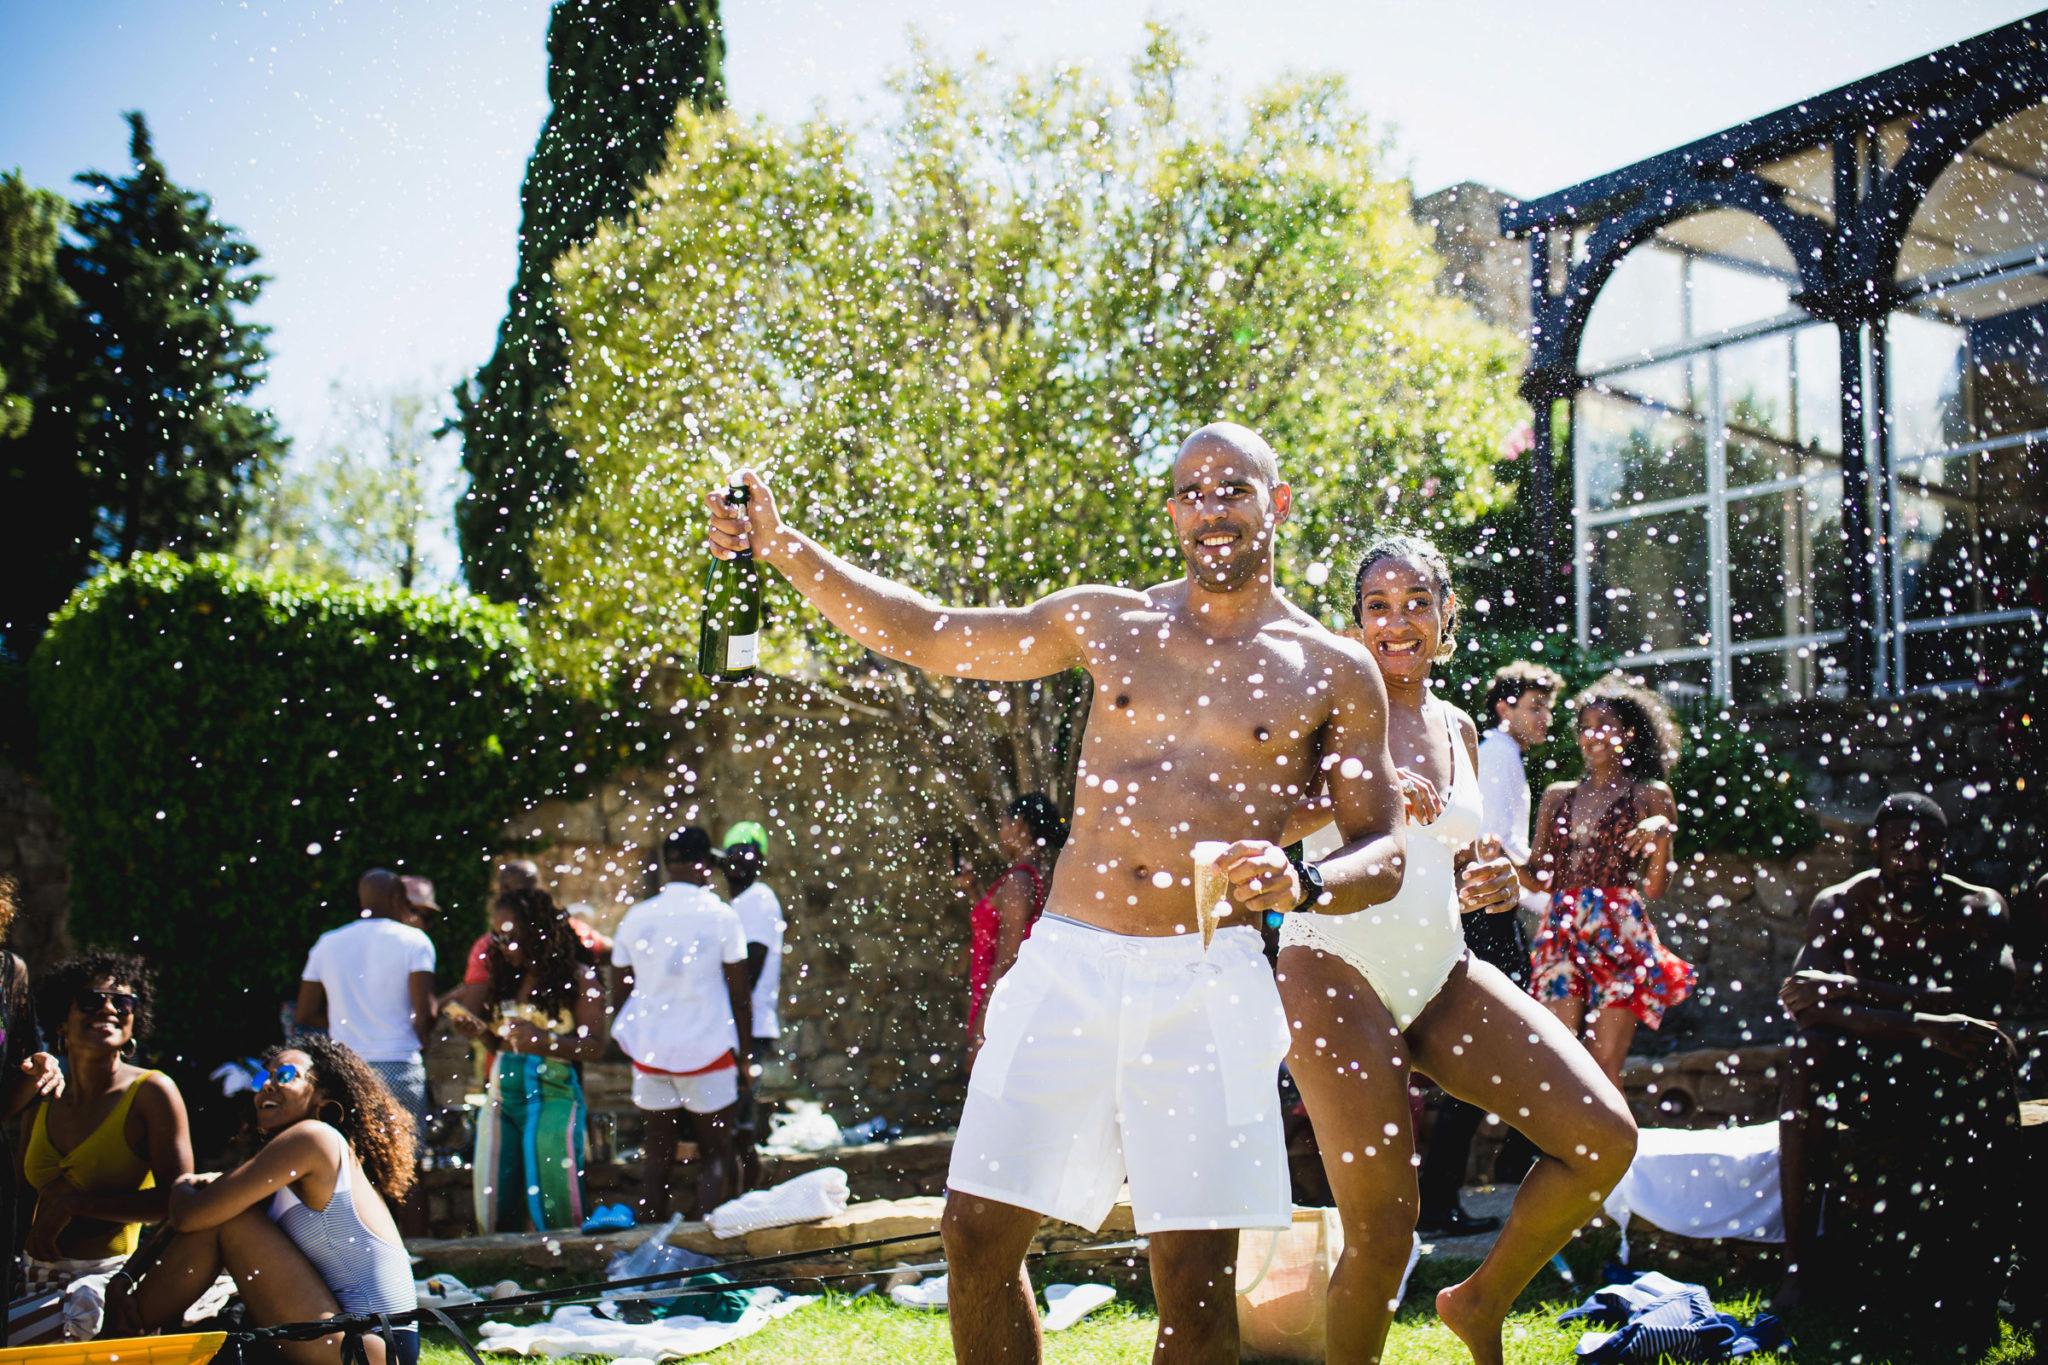 Les mariés en maillot de bain font gicler une bouteille de champagne pendant leur brunch